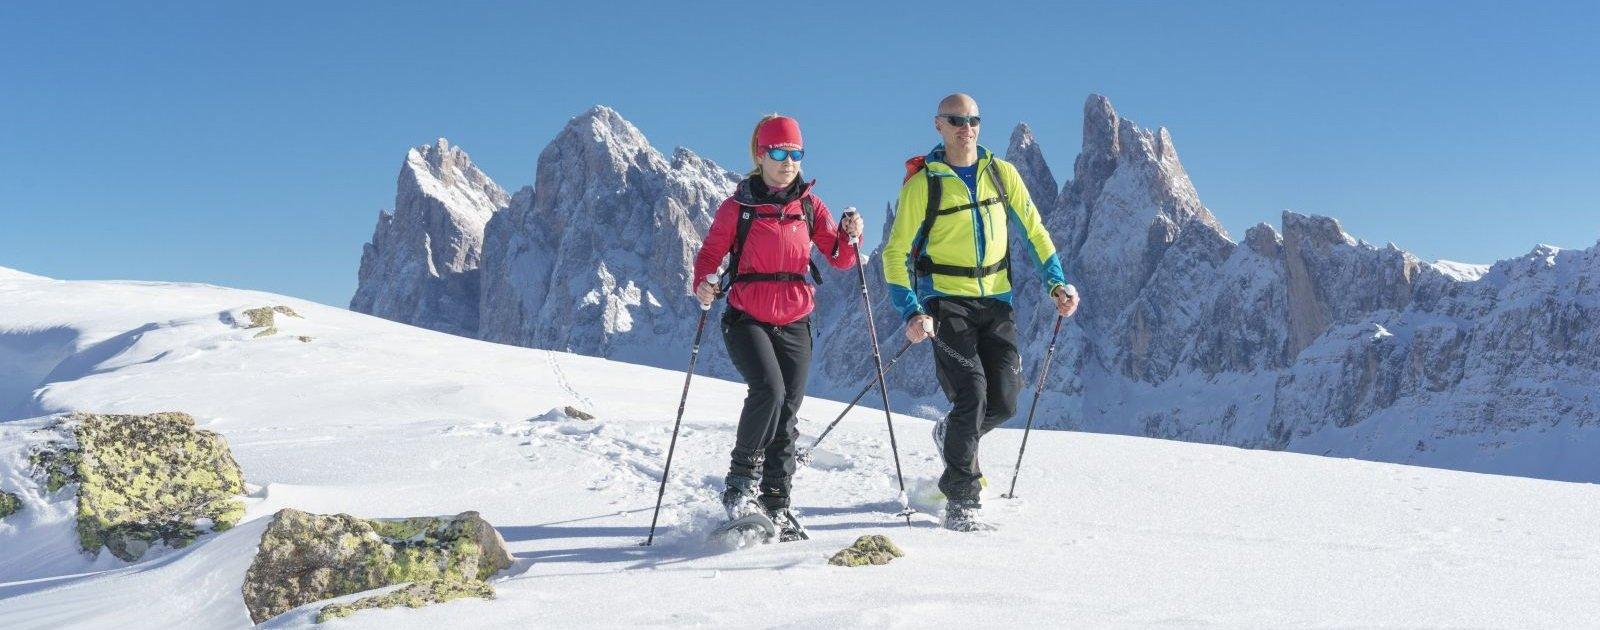 Schneeschuhwandern im Villnoesser Tal (c) Dietmar Denger